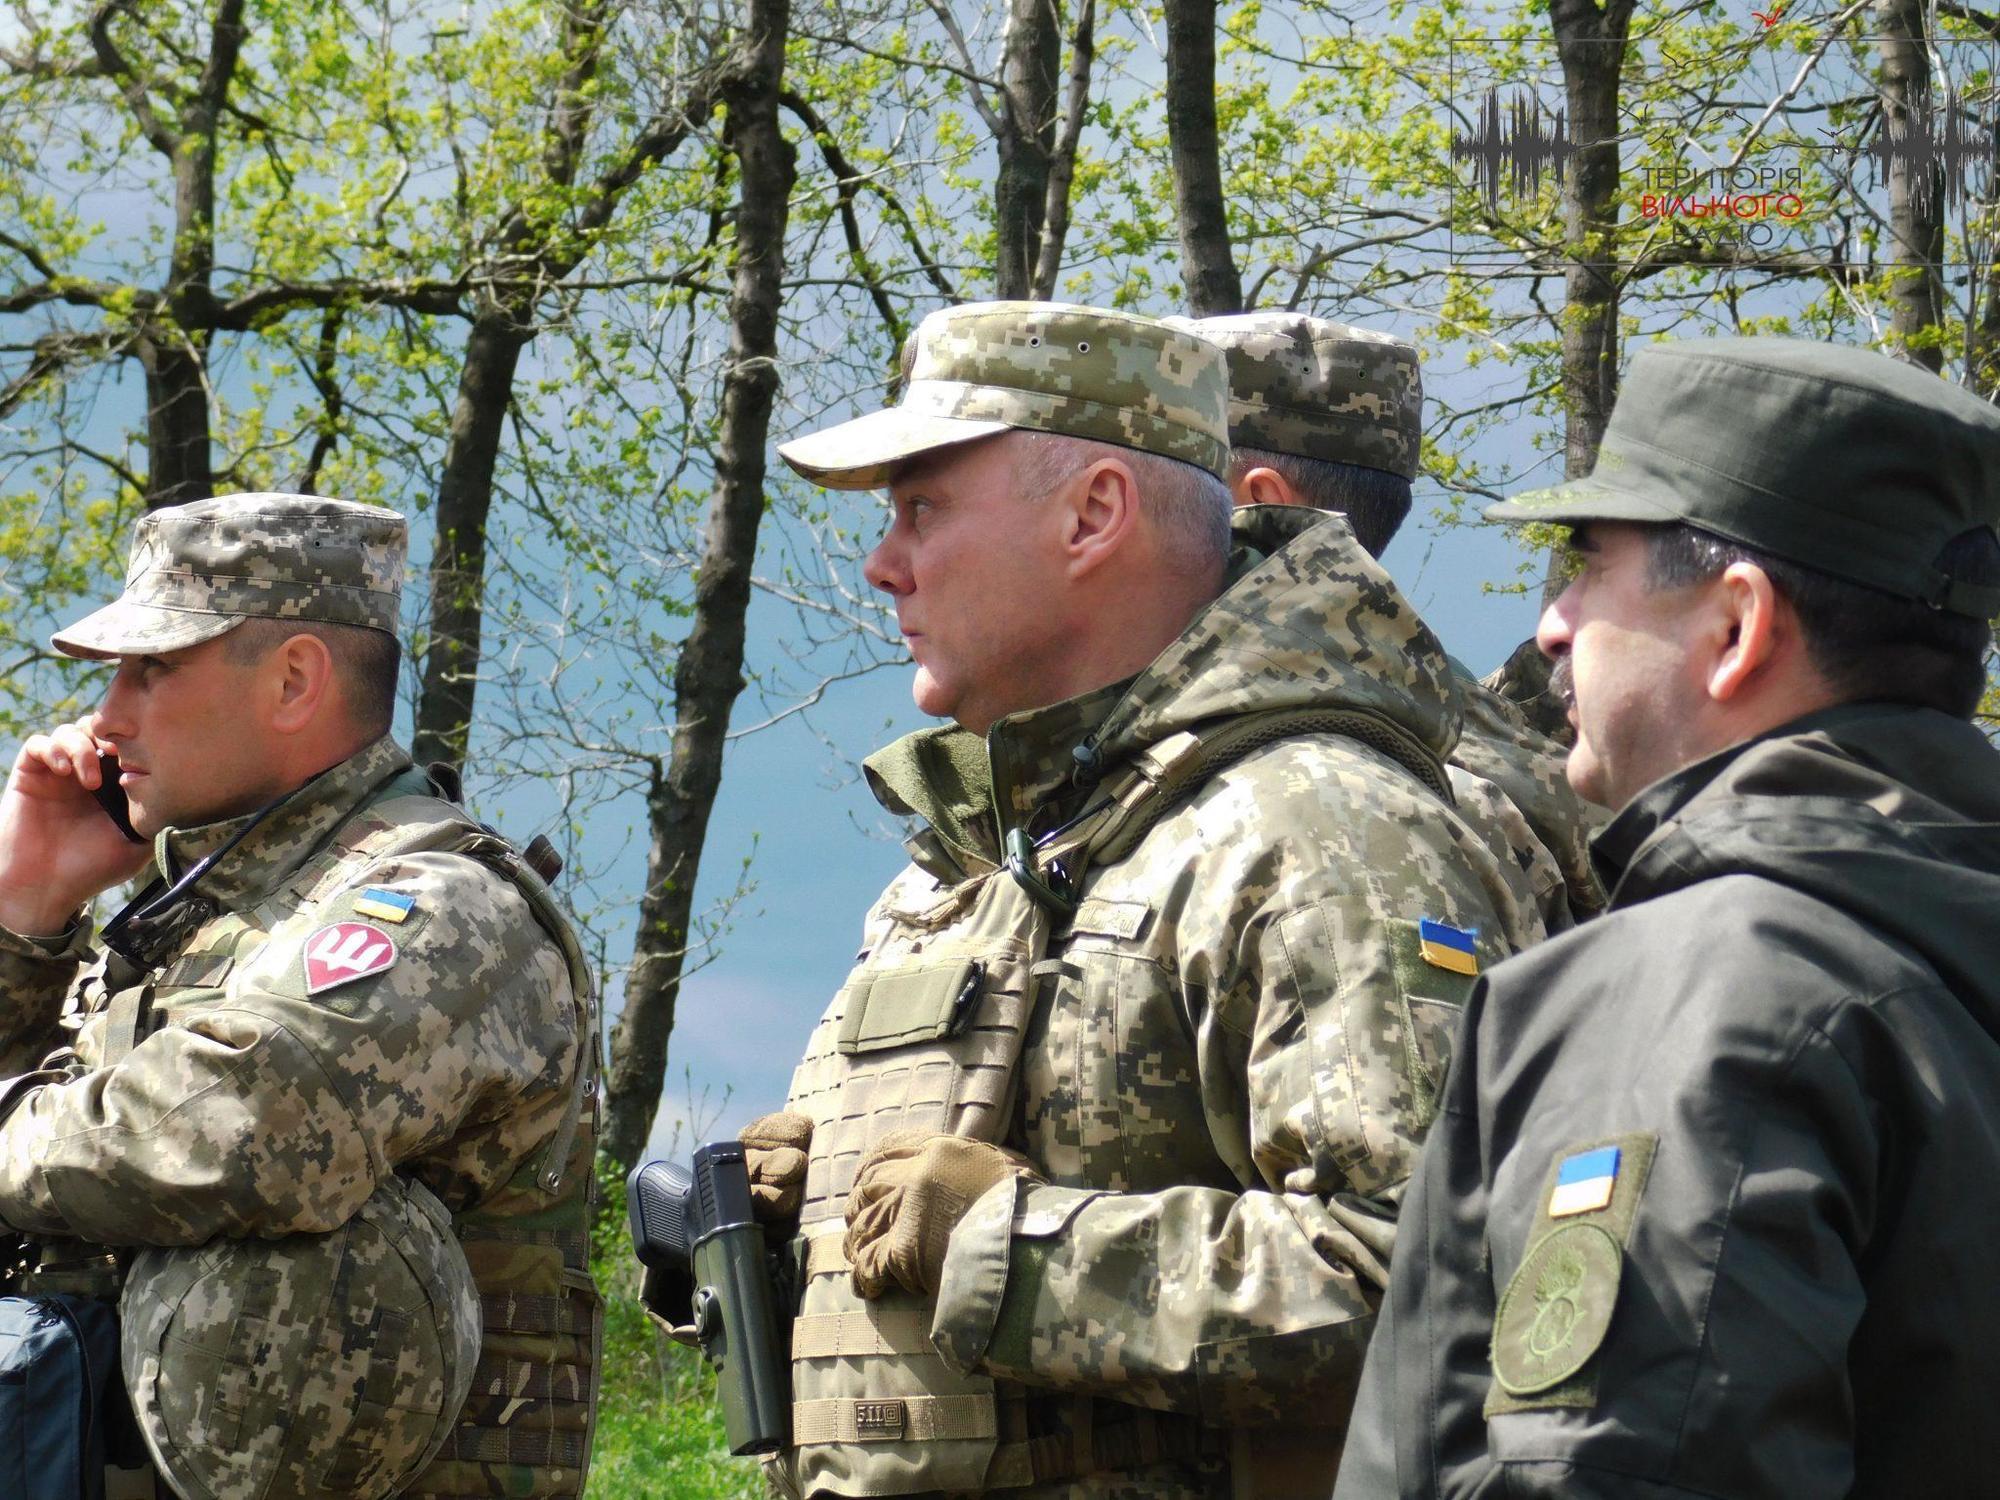 Демонстрація бойових навичок на Донеччині